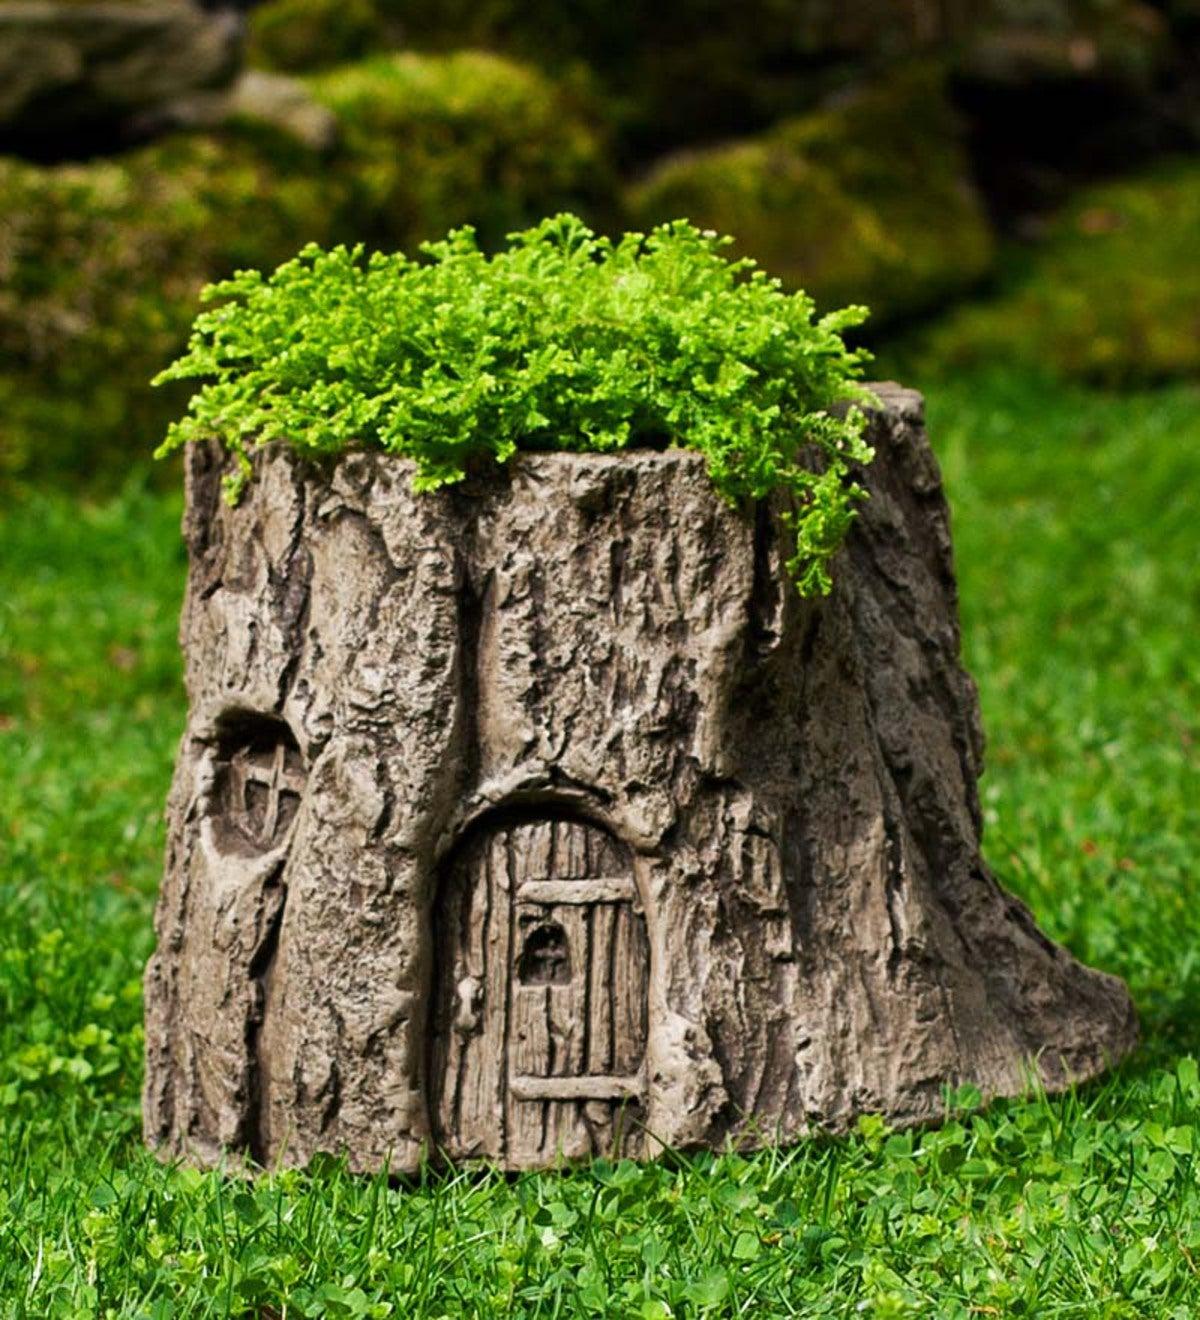 USA Made Cast Stone Handcrafted Fairy Garden Planter